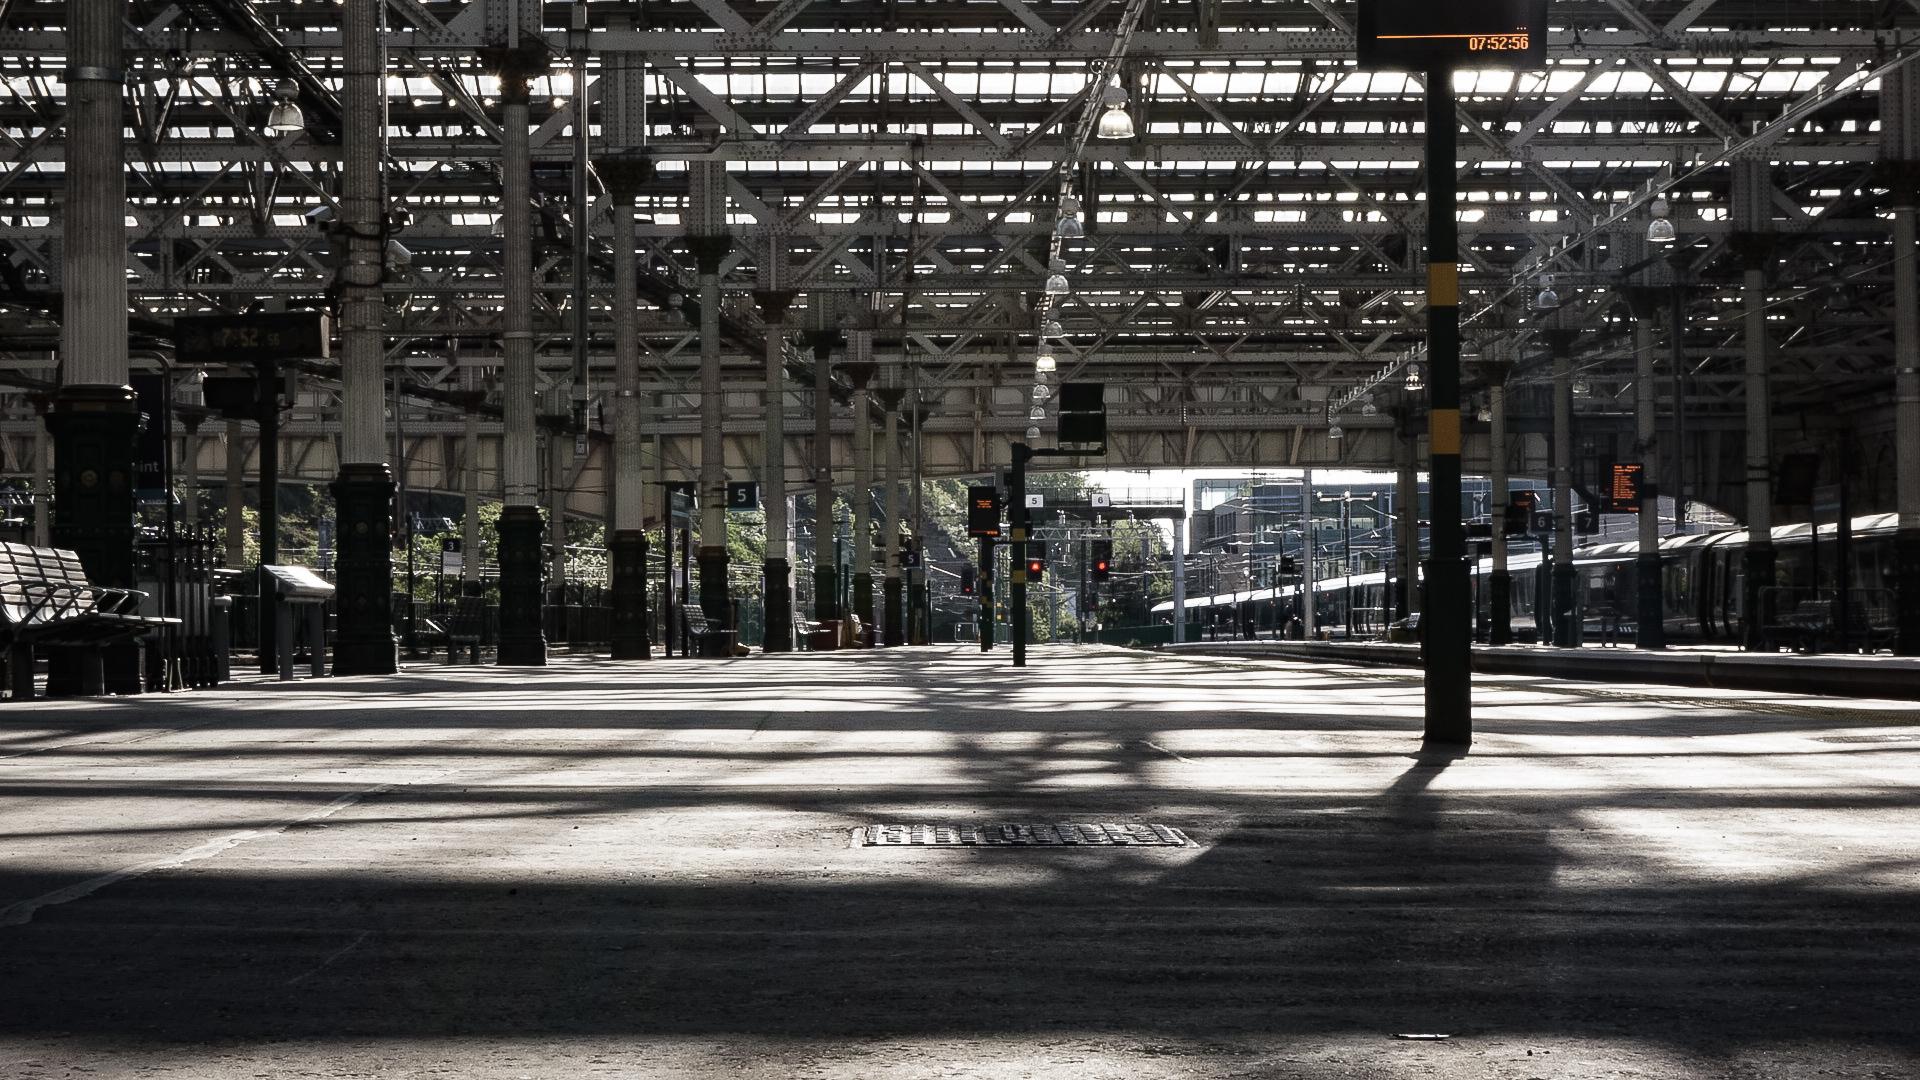 A long platform, deserted.